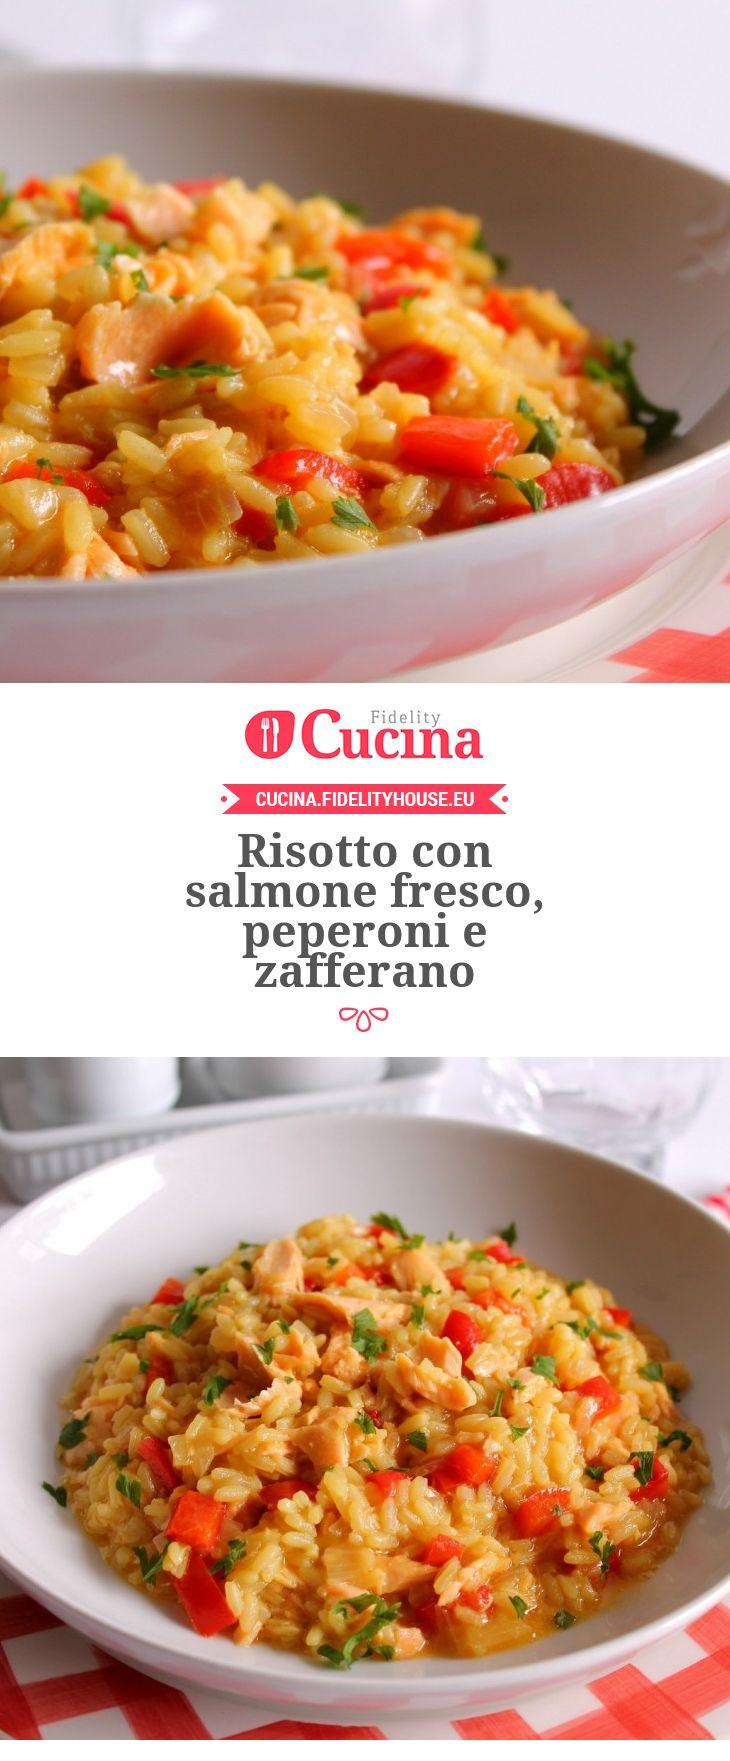 #Risotto con #salmone fresco, #peperoni e #zafferano della nostra utente Giovanna. Unisciti alla nostra Community ed invia le tue ricette!